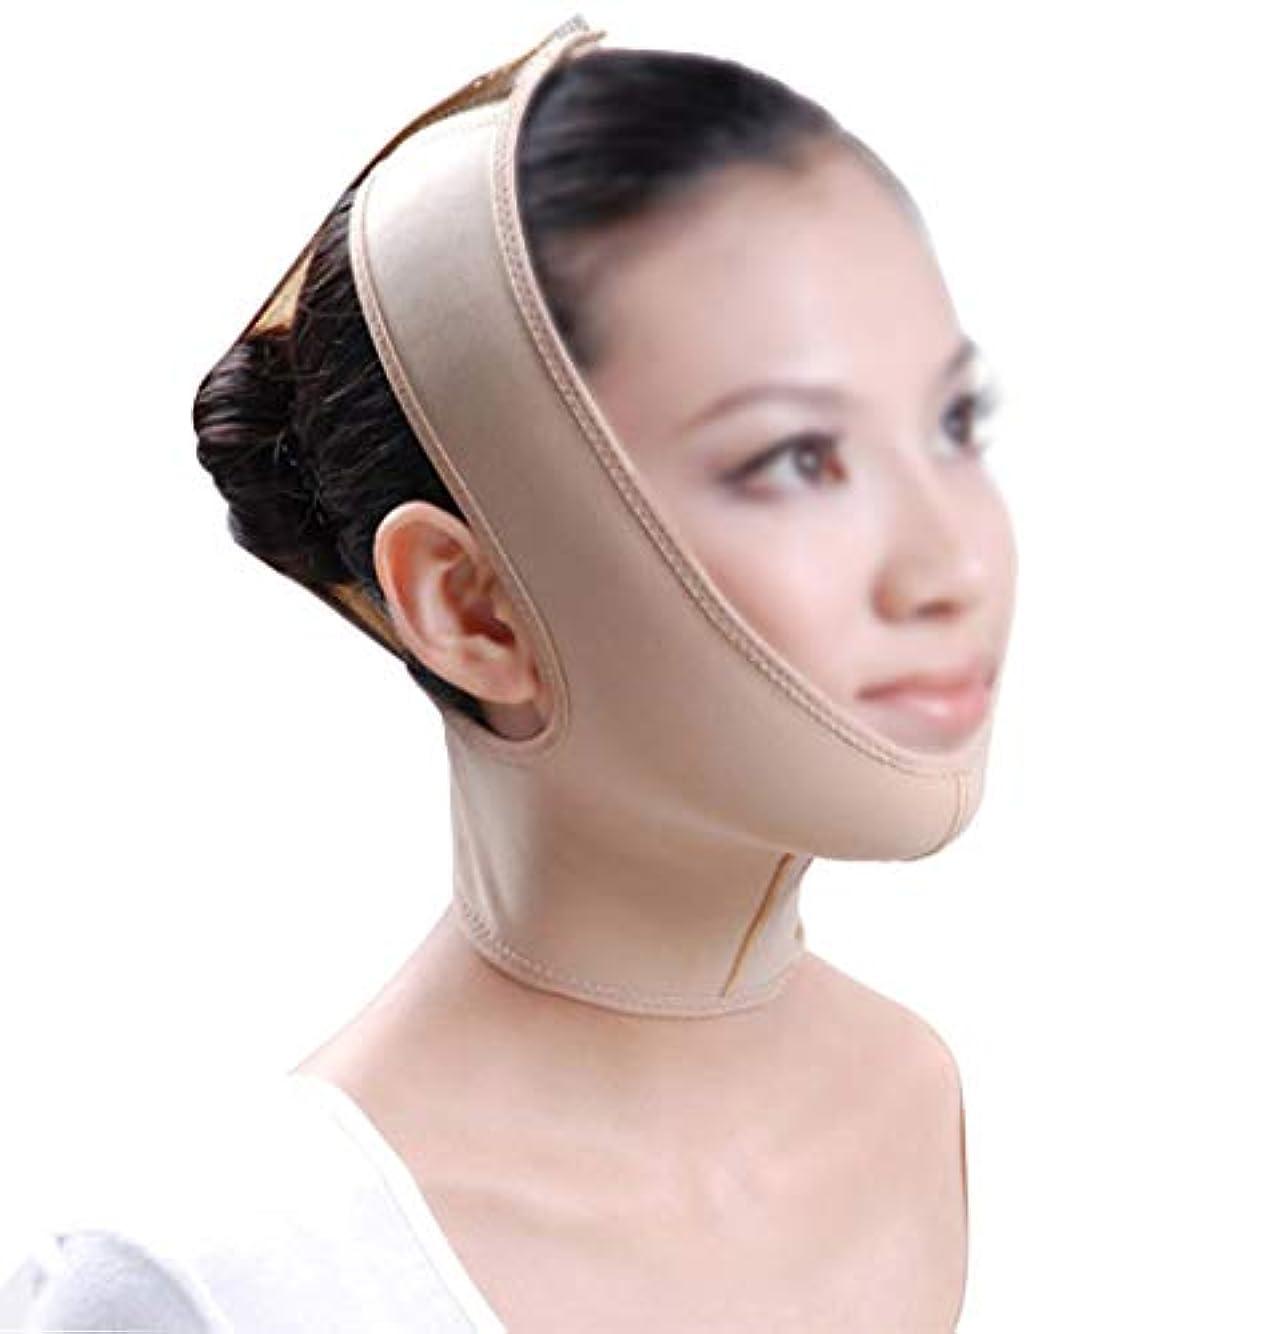 こだわり告白バンガローGLJJQMY 引き締めマスクマスク強力なフェイスリフティングリハビリ弾性フェイスリフティング引き締め首あご整形リハビリチンスリーブ 顔用整形マスク (Size : XL)